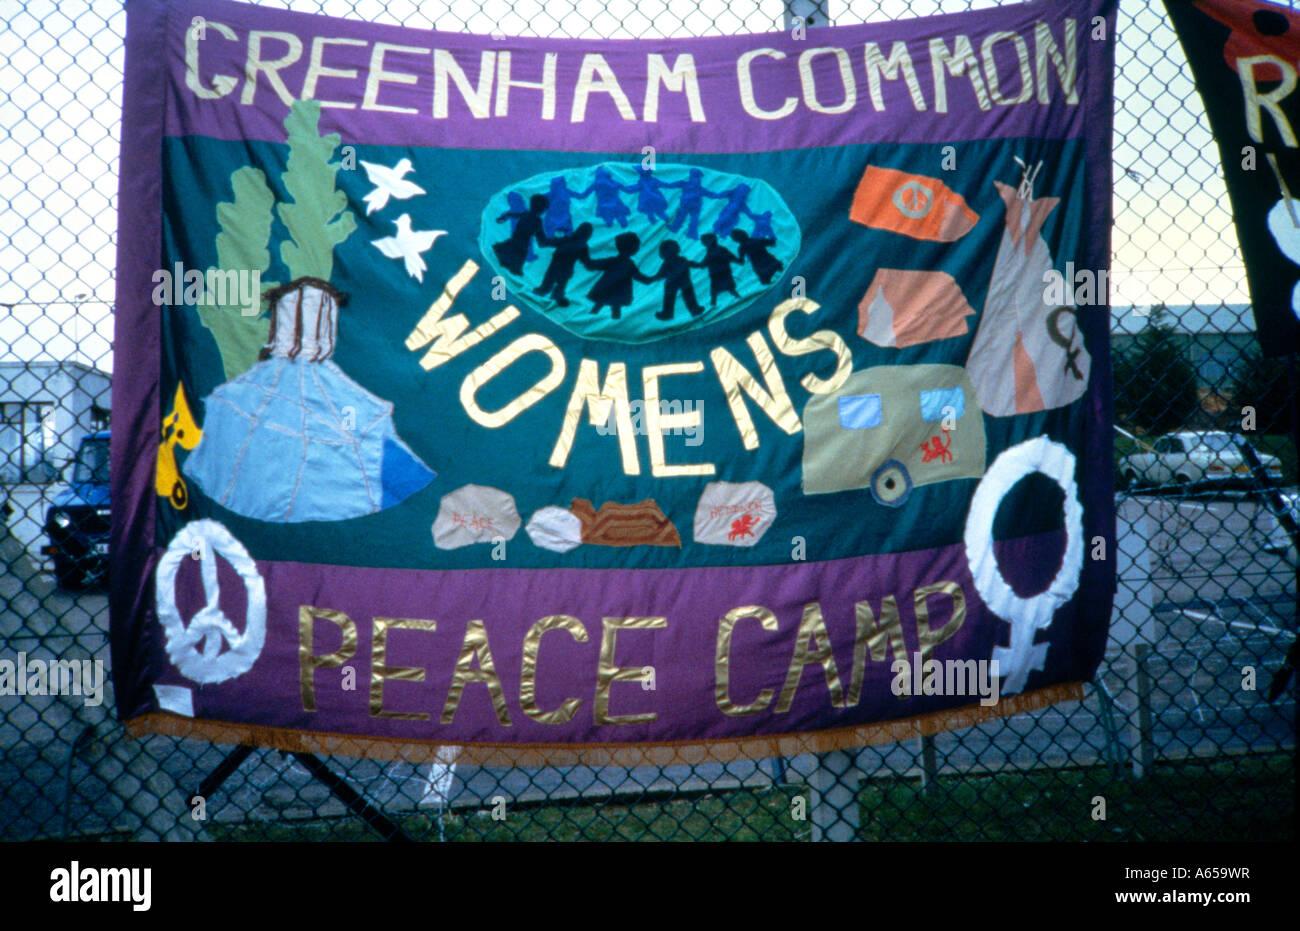 Greenham Common Womens bannière du Camp de la paix sur l'Escrime Photo Stock